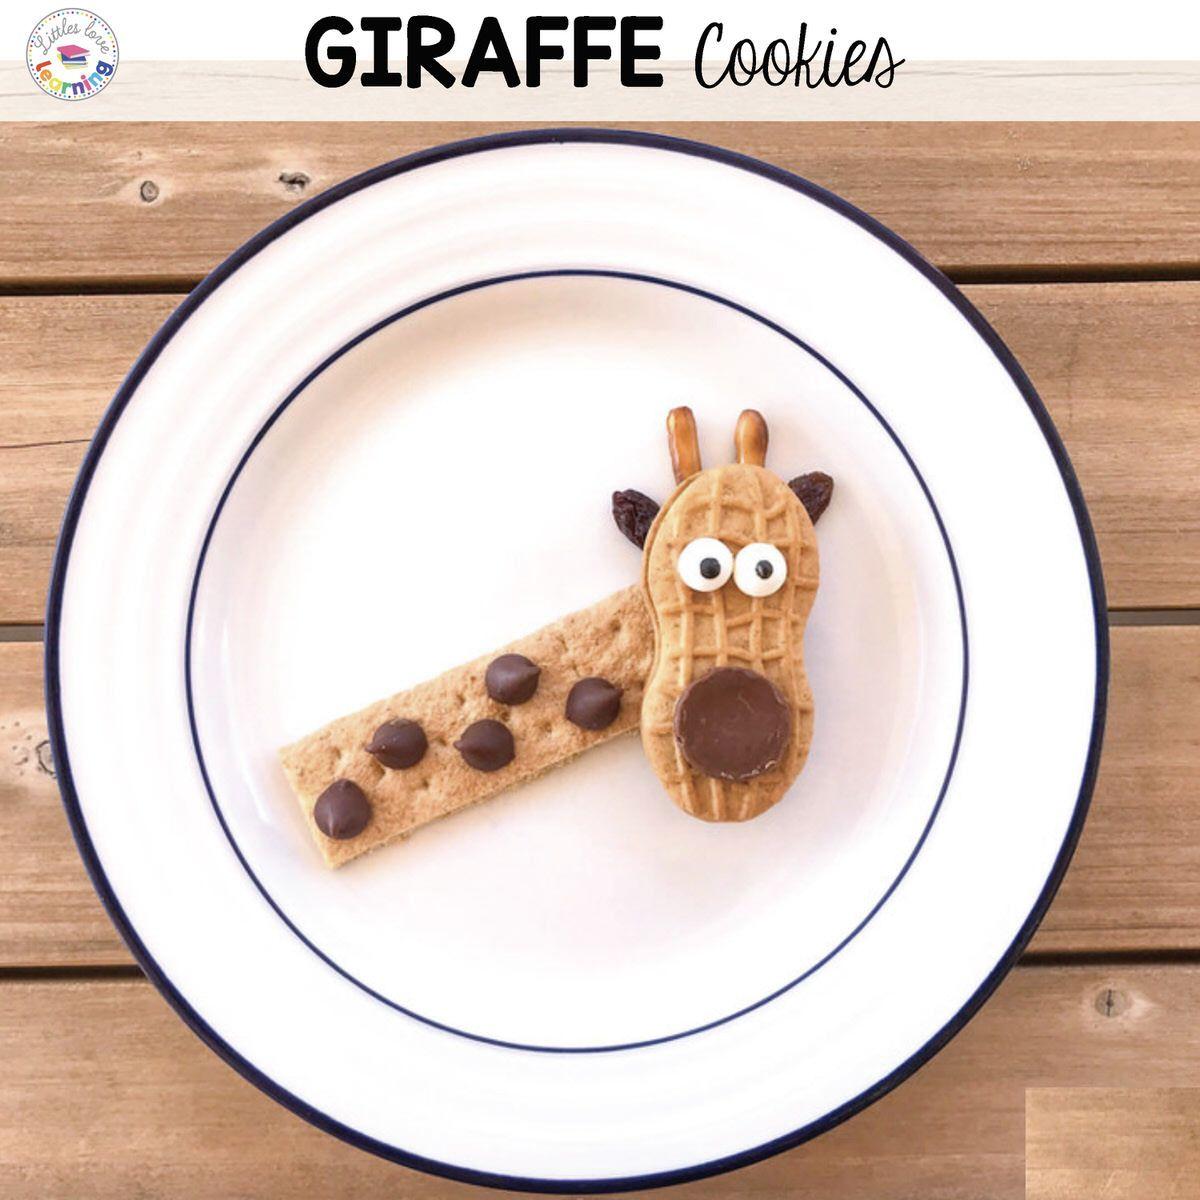 Fun And Free Giraffes Can T Dance Activities Preschool Kindergarten Giraffes Cant Dance Giraffe Cookies Preschool Food [ 1200 x 1200 Pixel ]